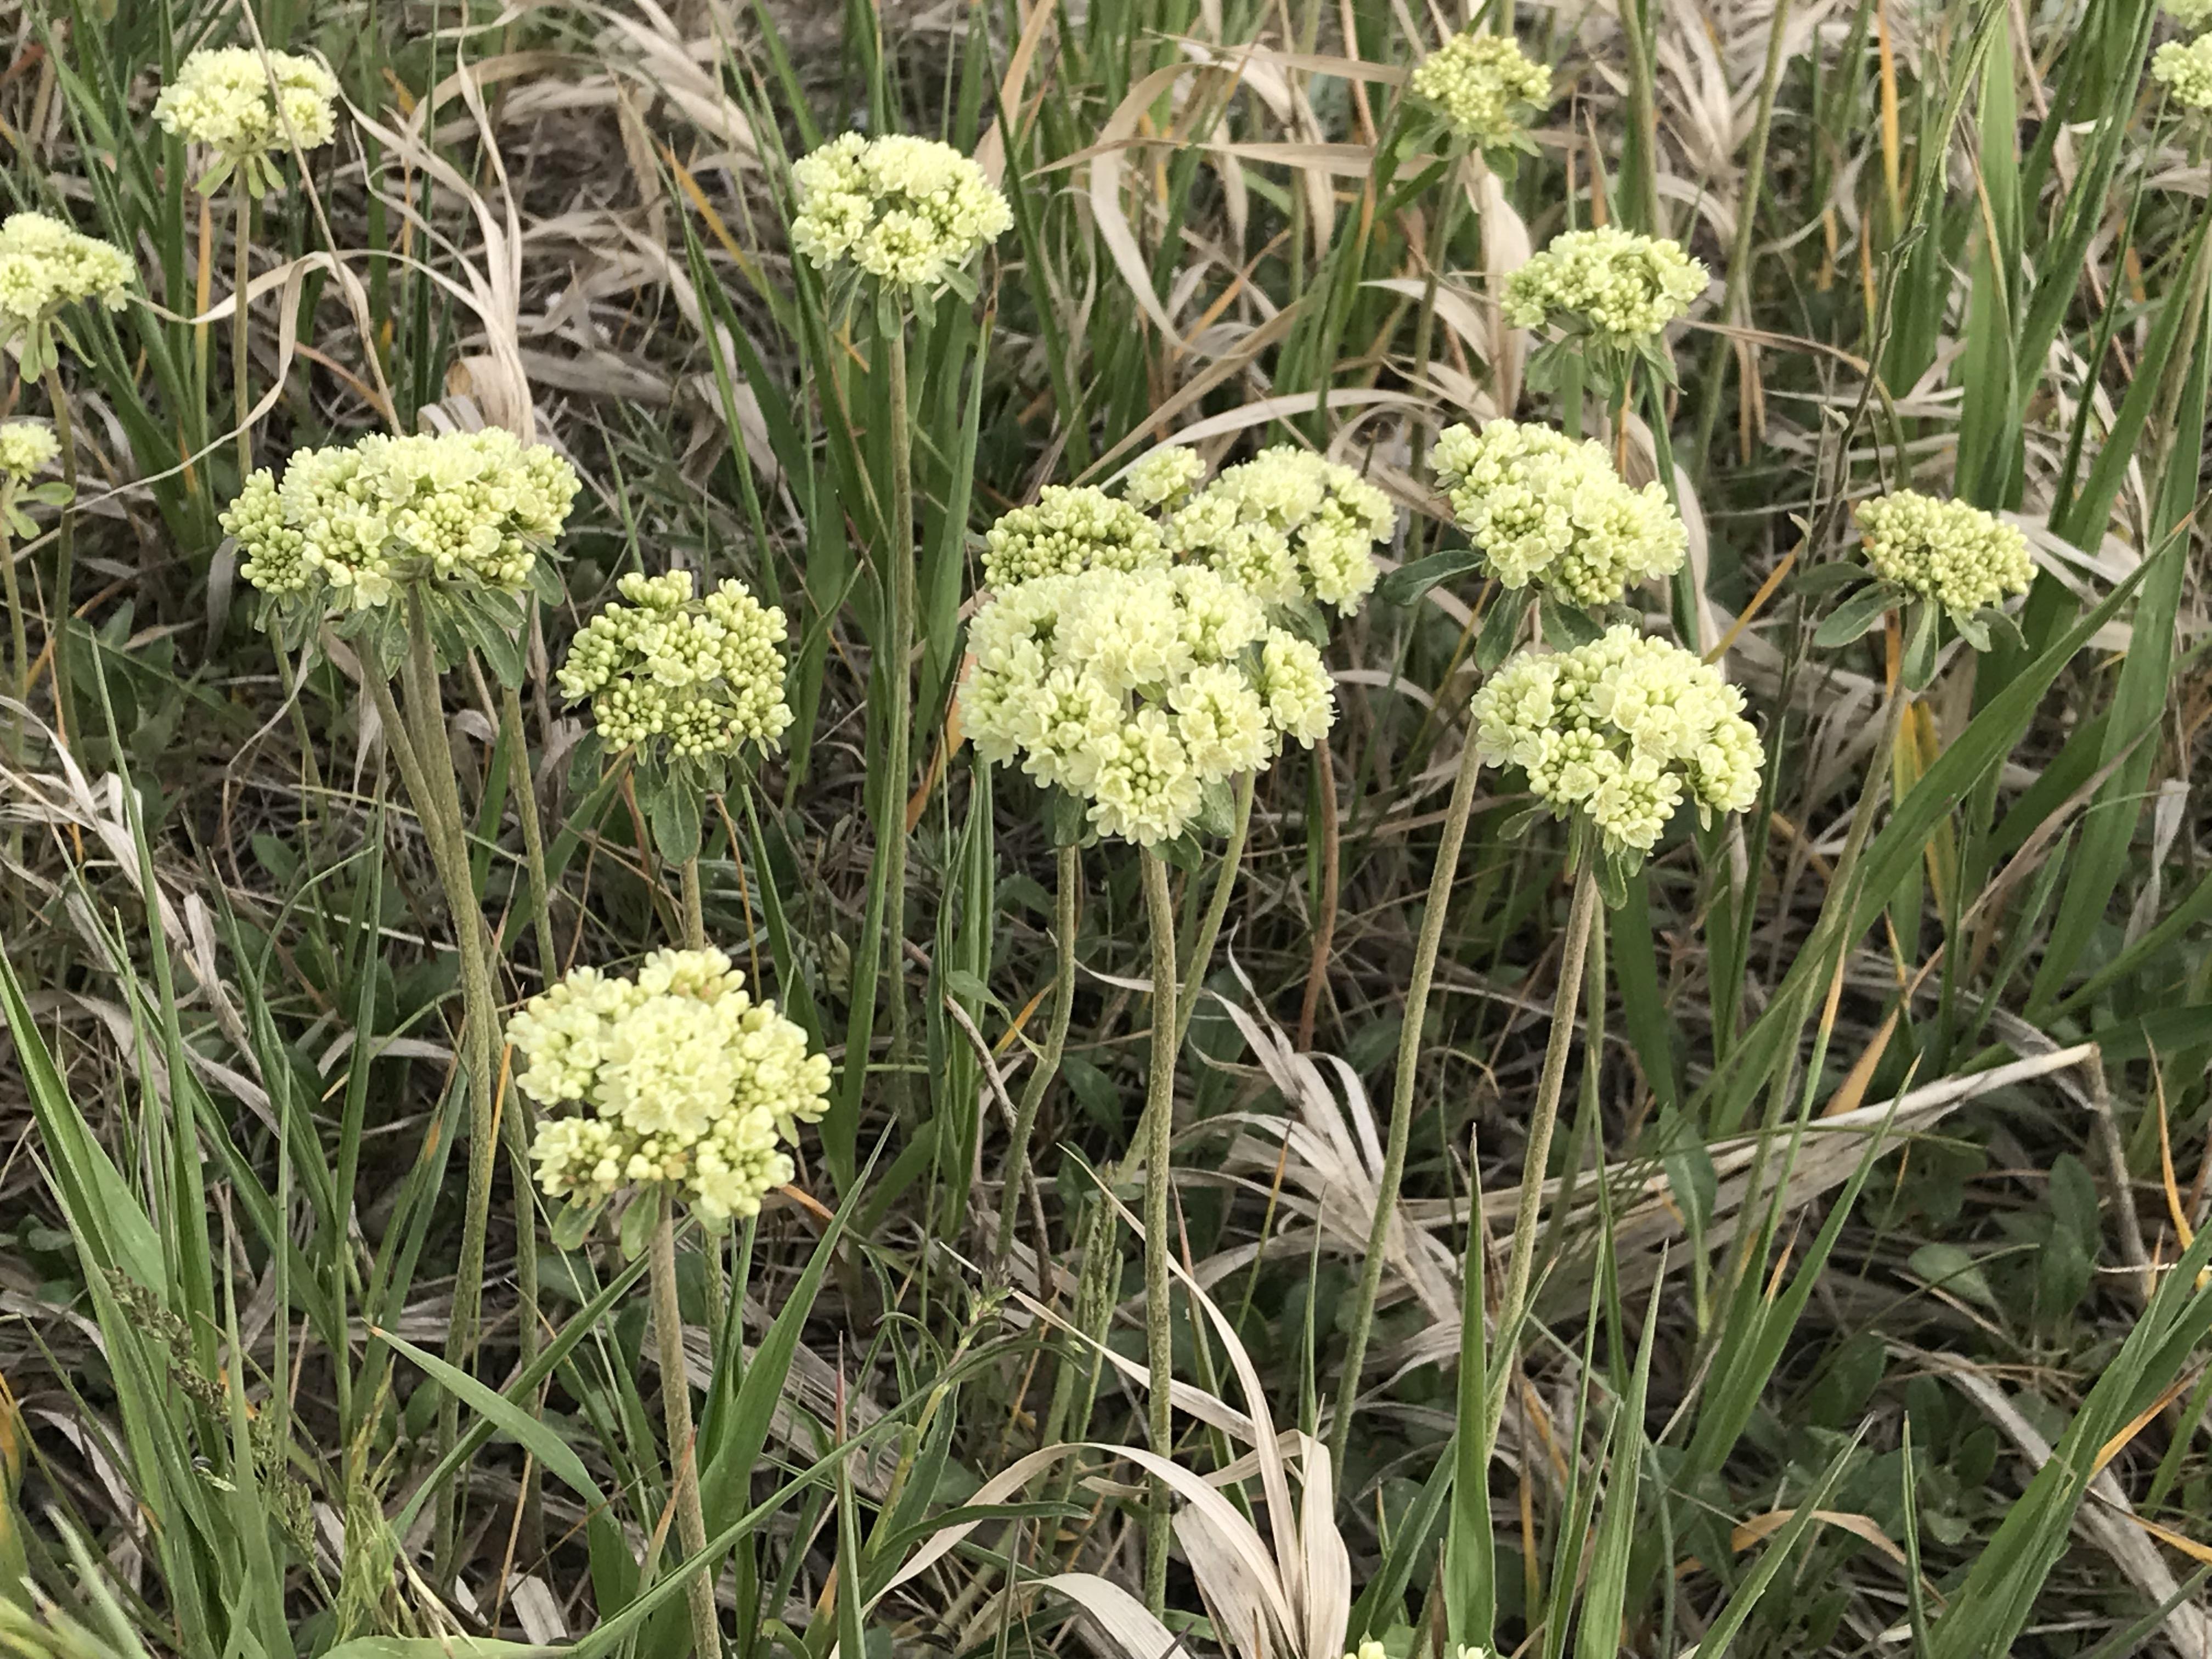 Umbrella Desert Buckwheat Flowers Eriogonum Ovalifolium Colorado